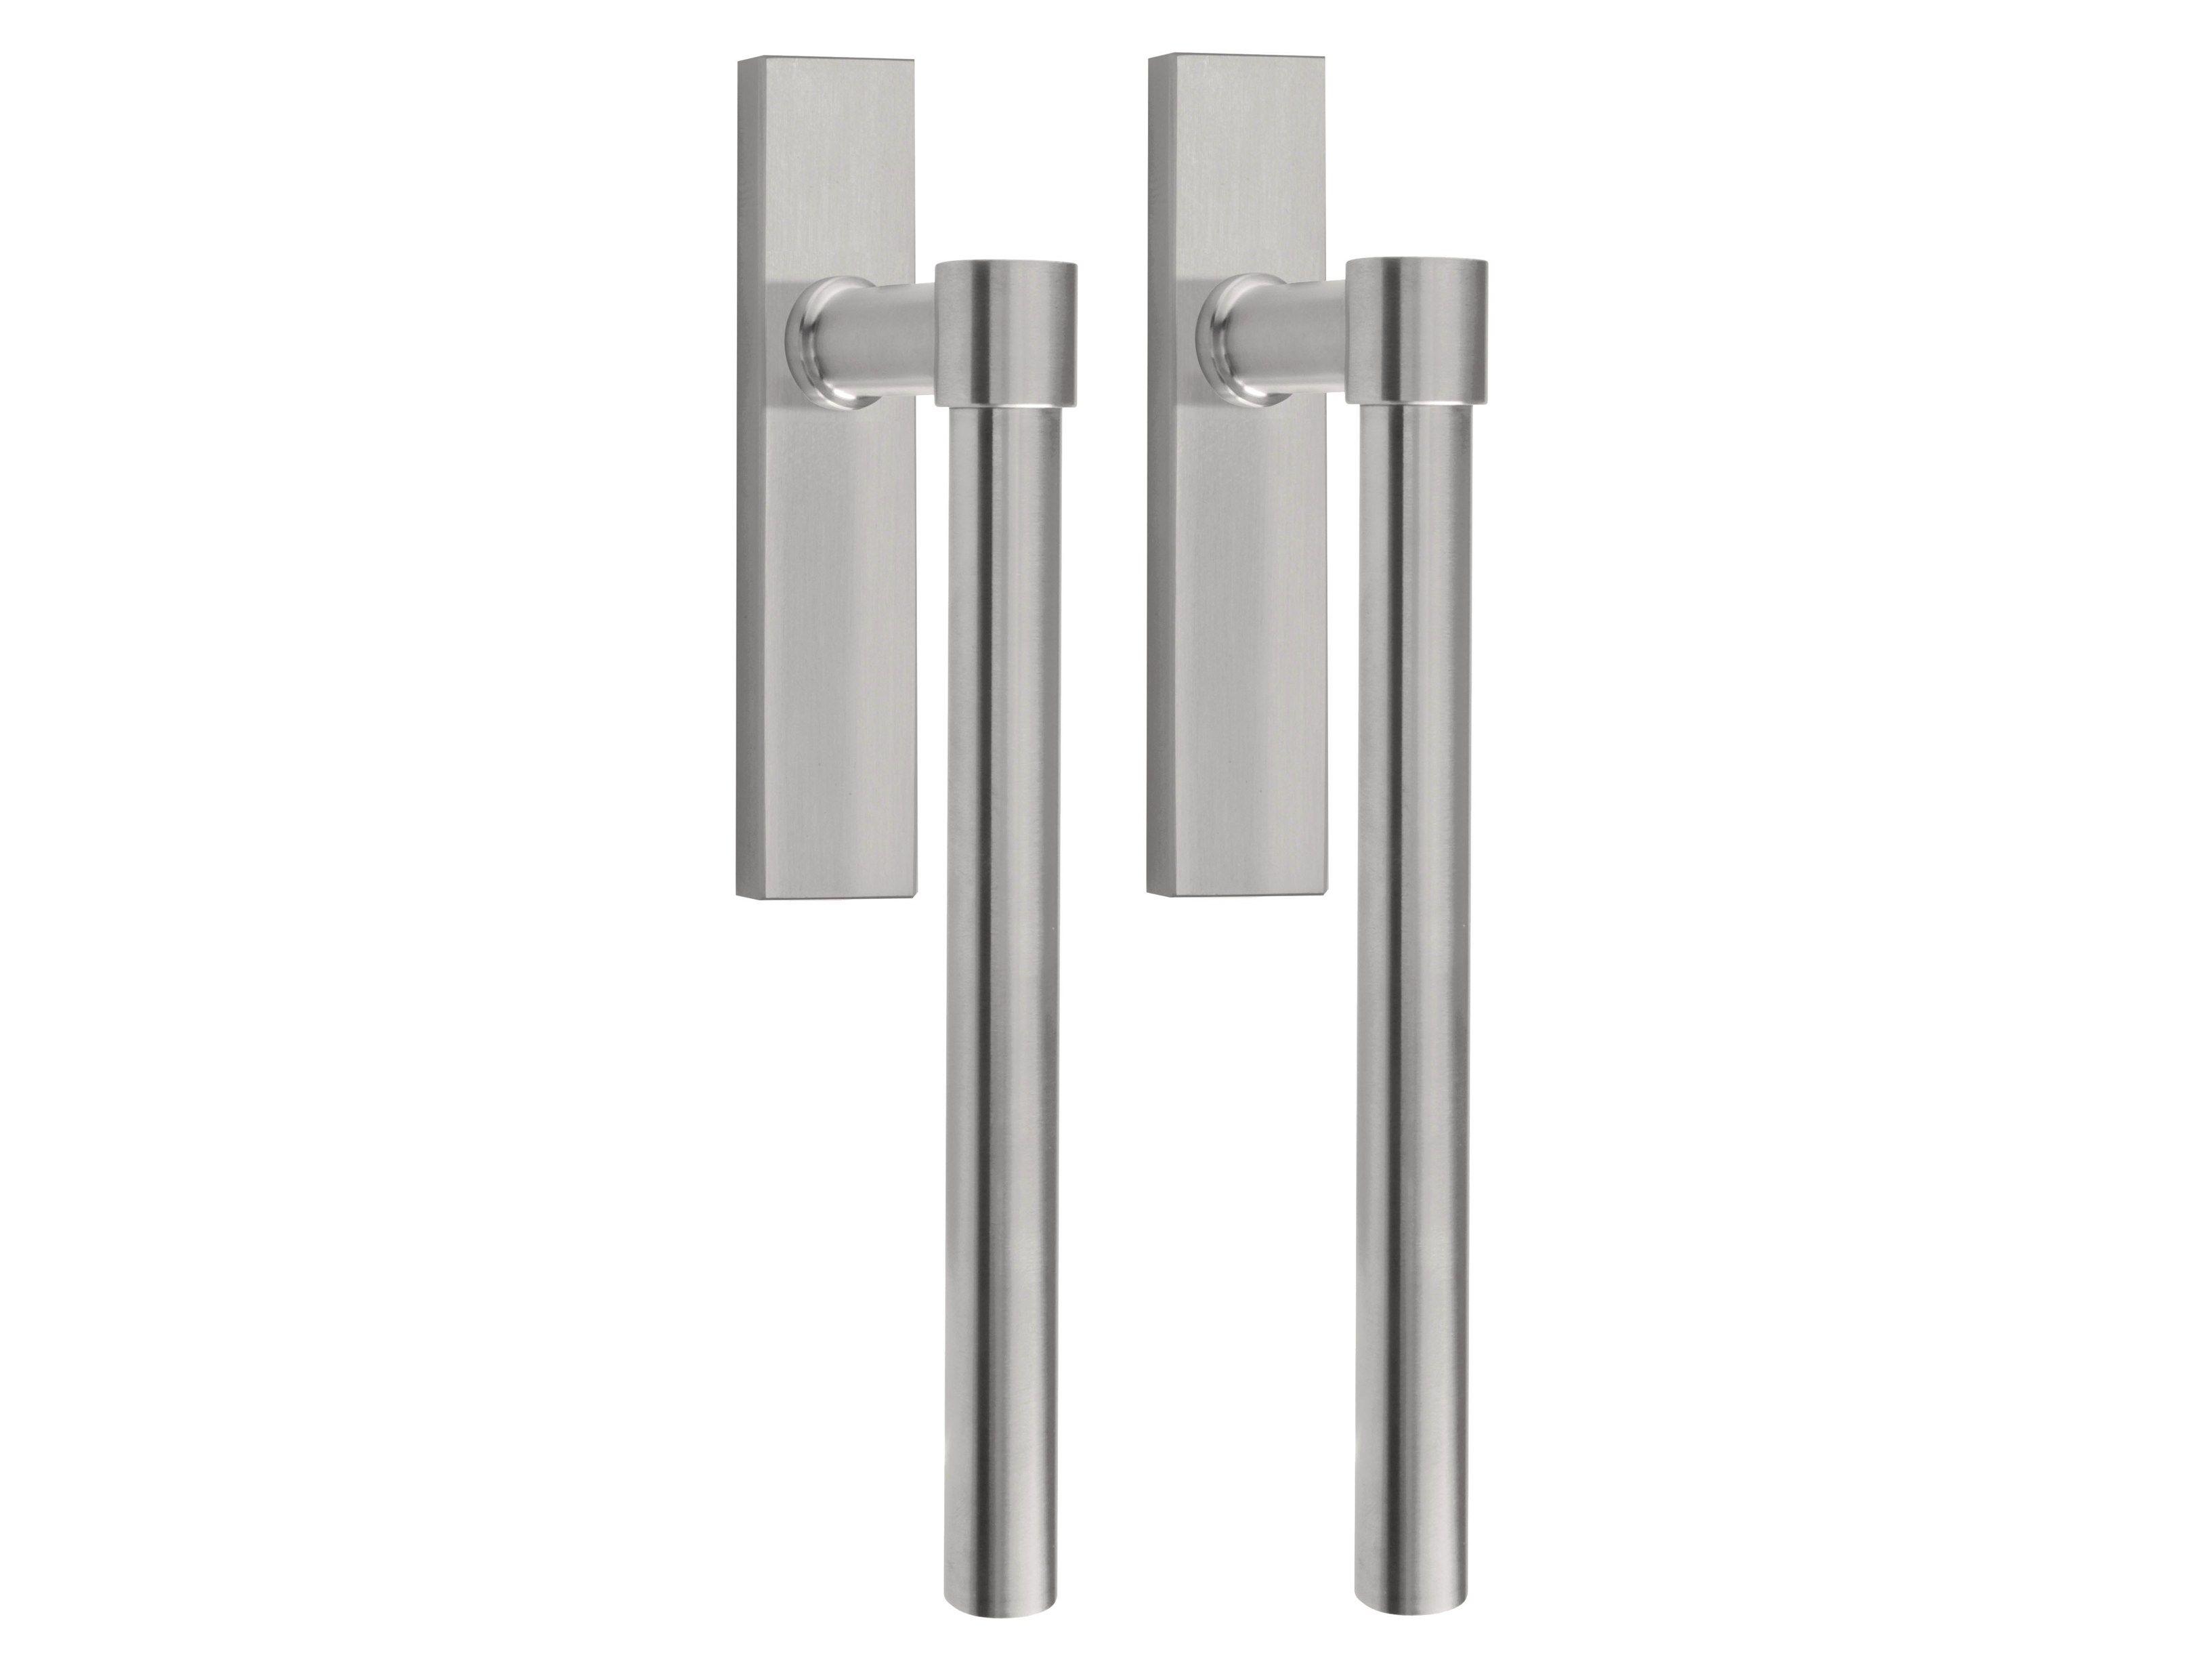 #403F3C Puxador de aço inox para janela deslizante ONE Puxador para janela  1390 Protocolos De Janelas Deslizantes